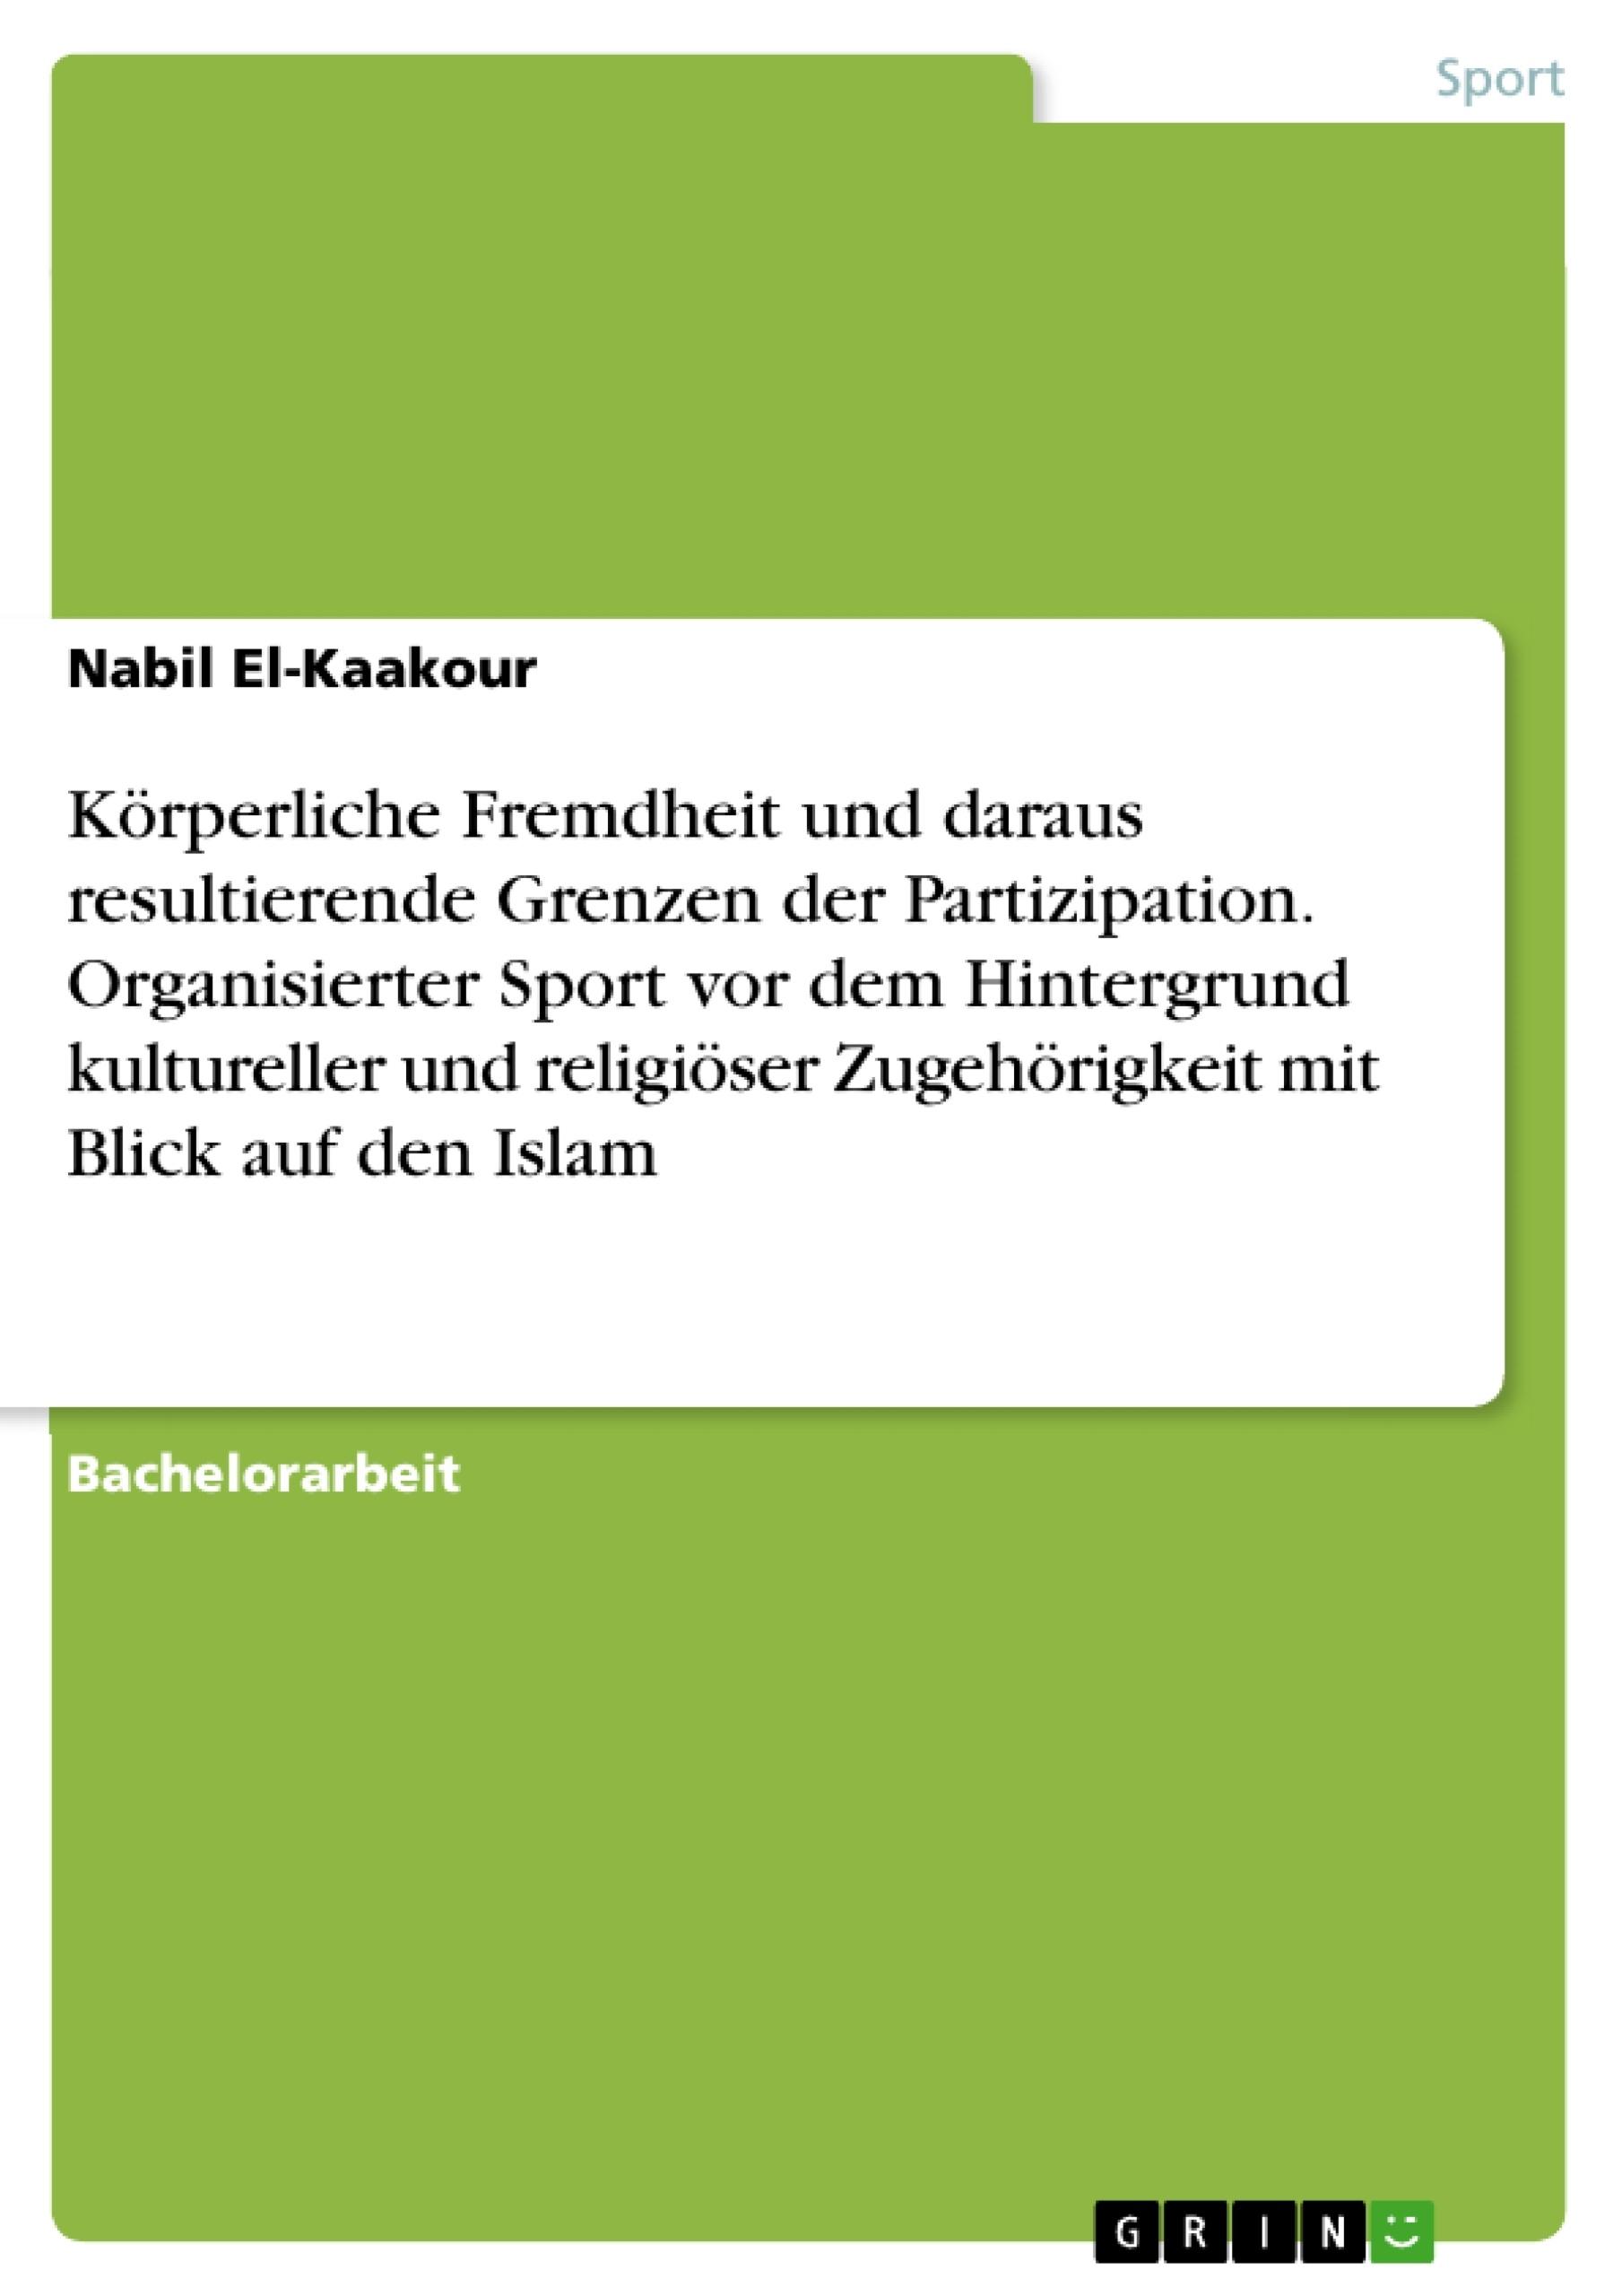 Titel: Körperliche Fremdheit und daraus resultierende Grenzen der Partizipation. Organisierter Sport vor dem Hintergrund kultureller und religiöser Zugehörigkeit mit Blick auf den Islam